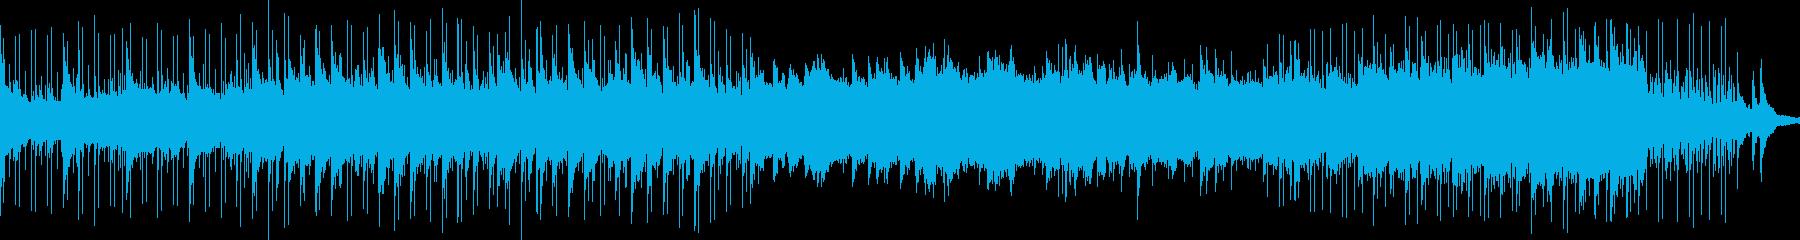 アンビエントポップインスト心温まる...の再生済みの波形